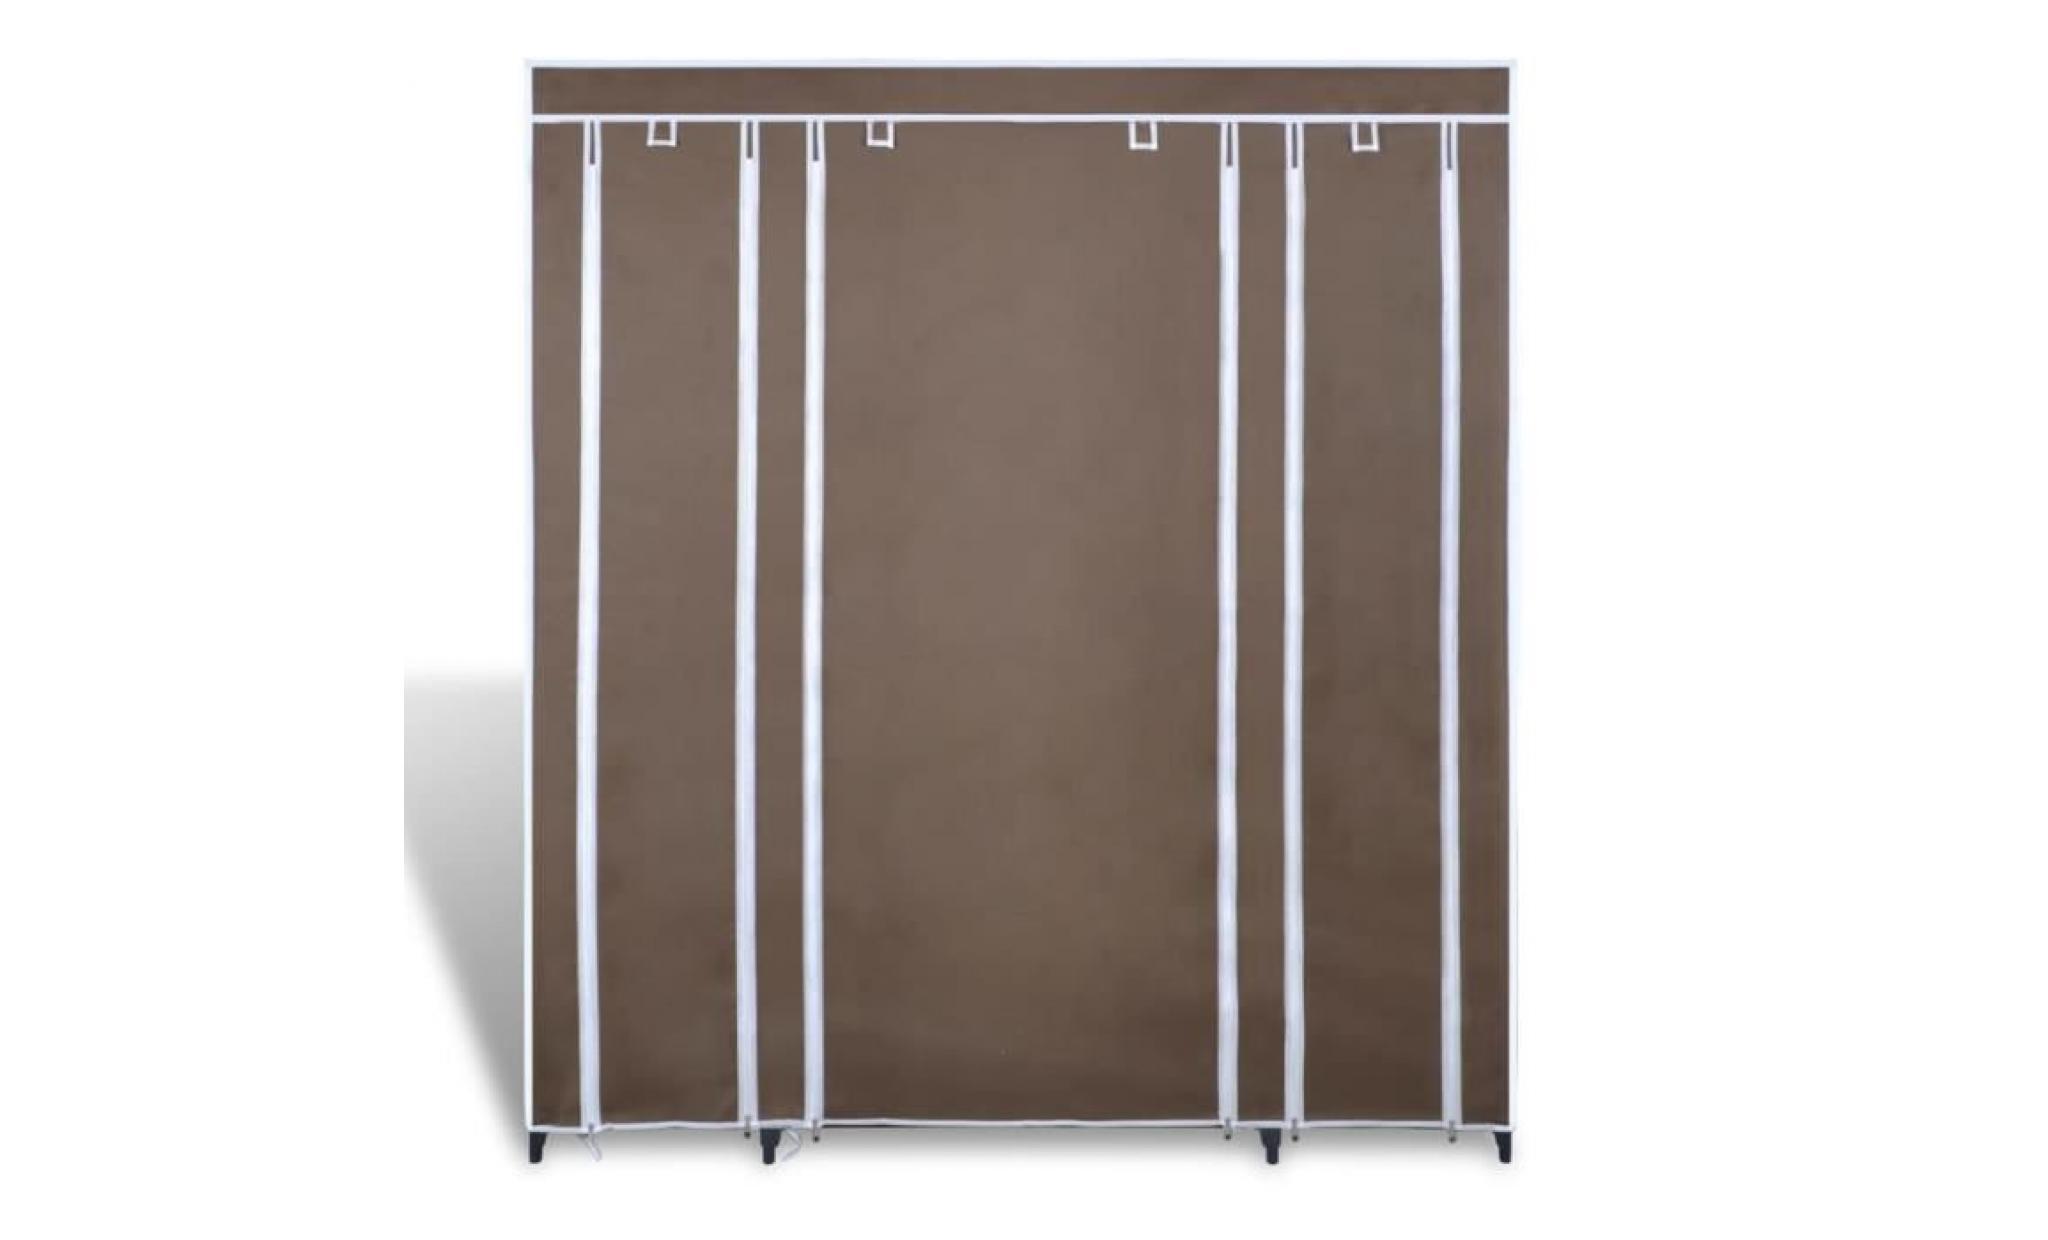 armoire avec compartiments et tiges 45 x 150 x 176 cm marron armoire  chambre armoire penderie armoire de chambre contemporain